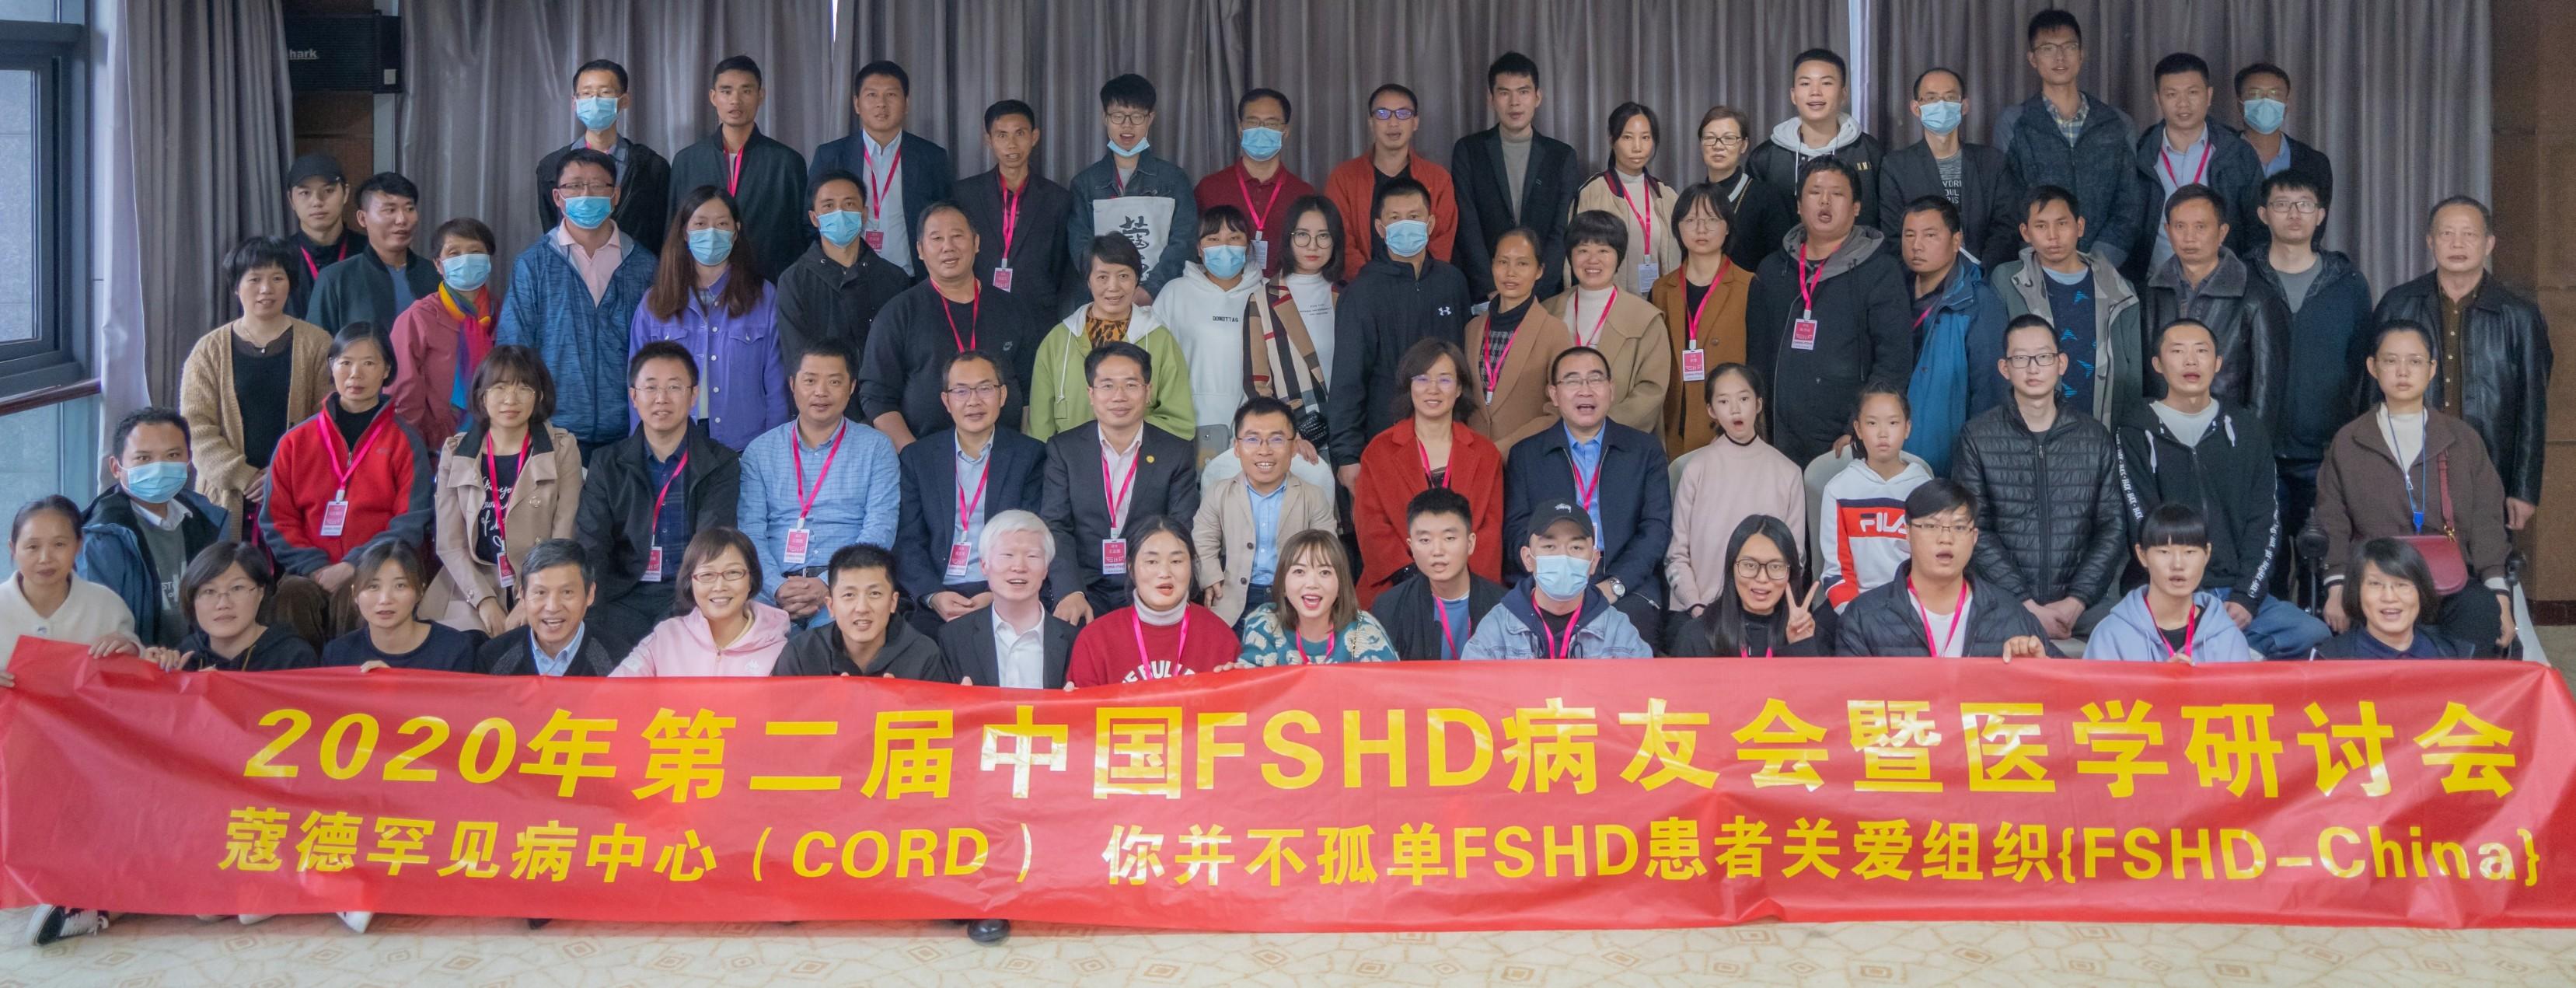 第二届中国FSHD病友会暨医学研讨会,杭州,2020年11月21日22日